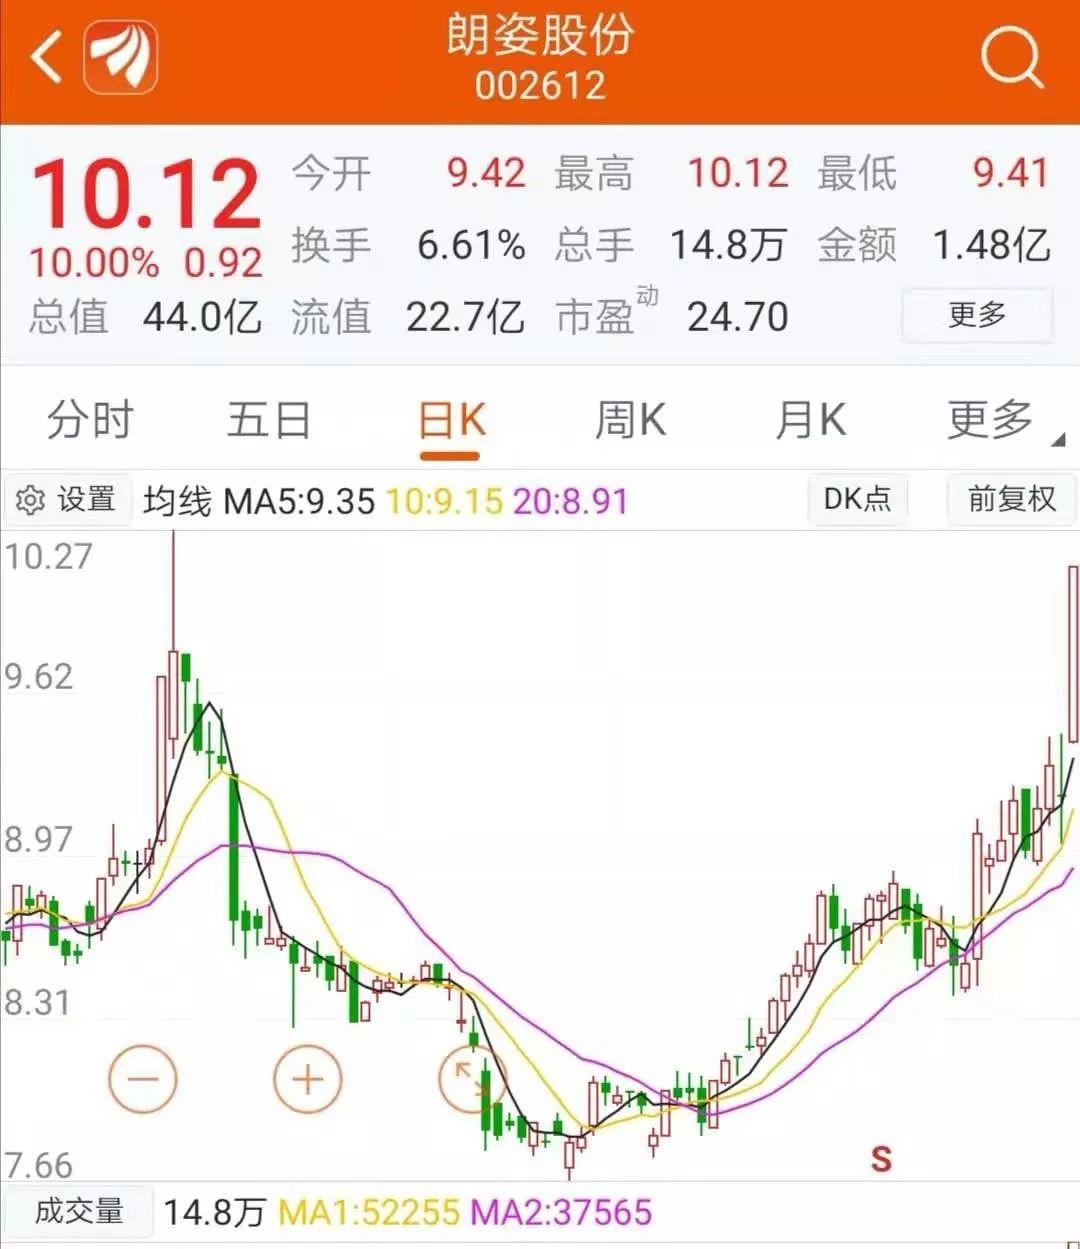 博友娱乐场乐官方网 - 中融医疗健康混合A基金最新净值涨幅达3.40%